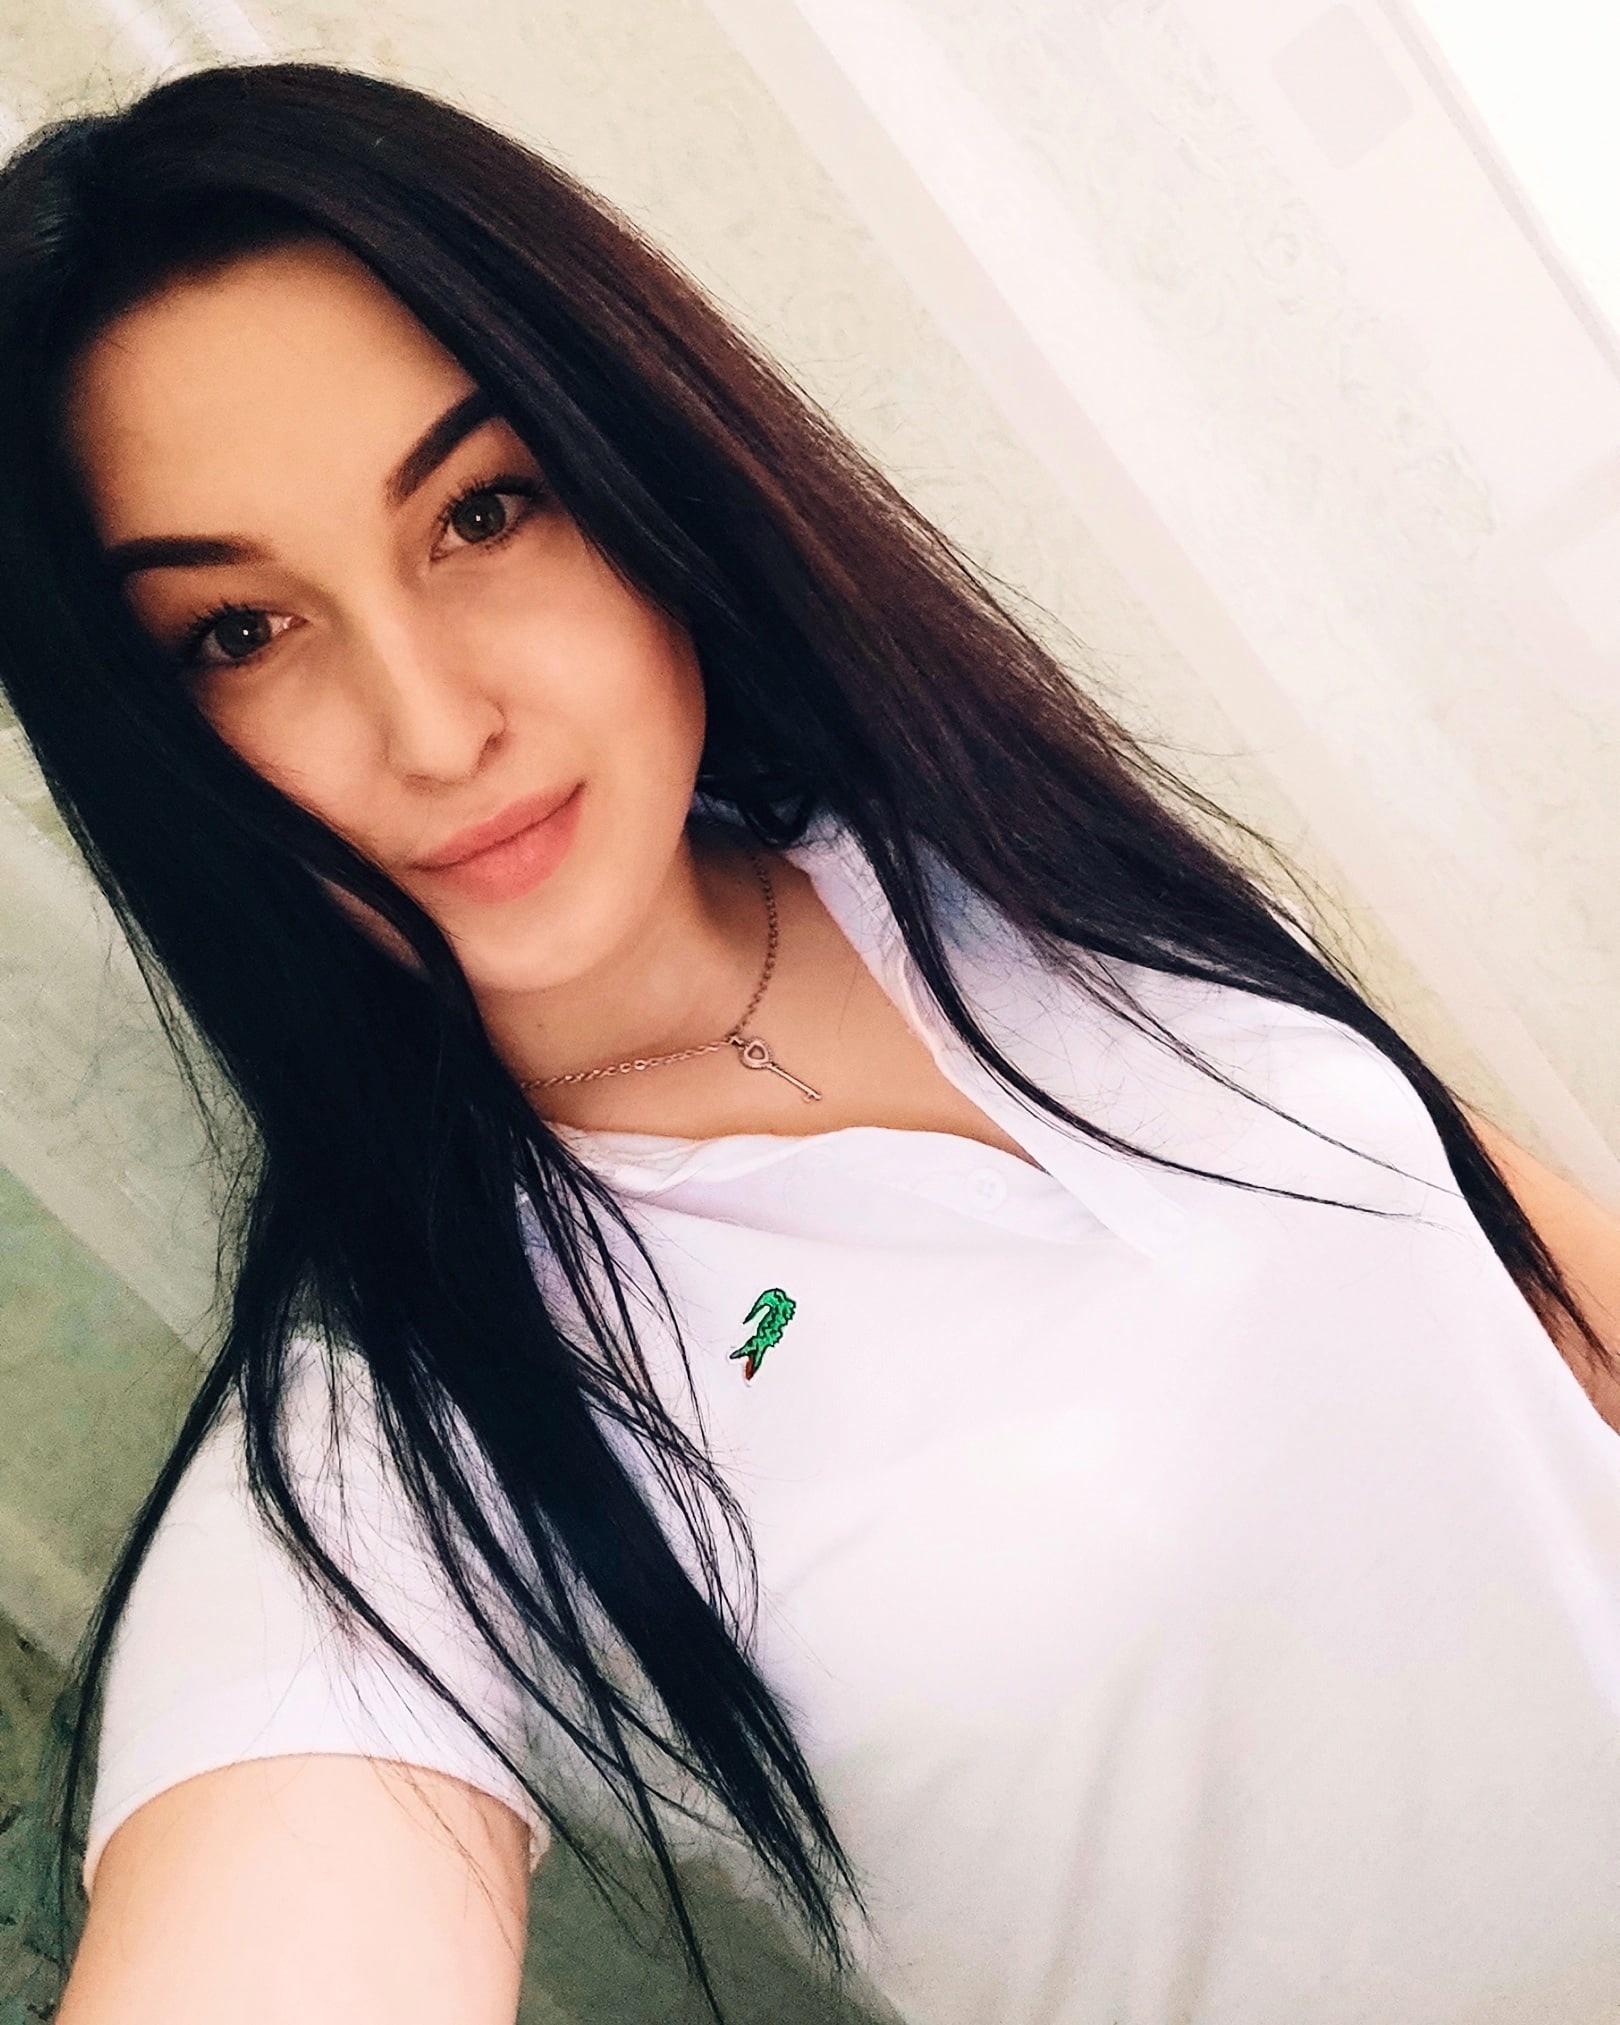 Darya, 22, Taganrog